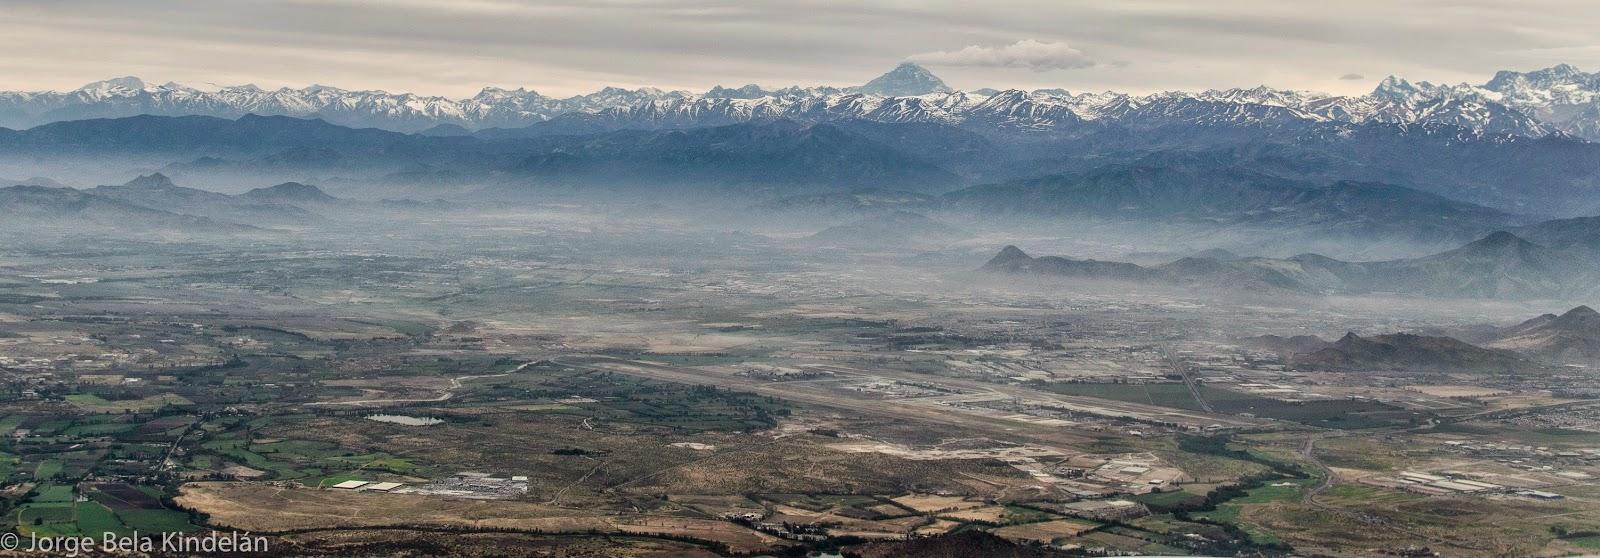 Cordillera de Santiago vista desde el aire Foto: Jorge Bela